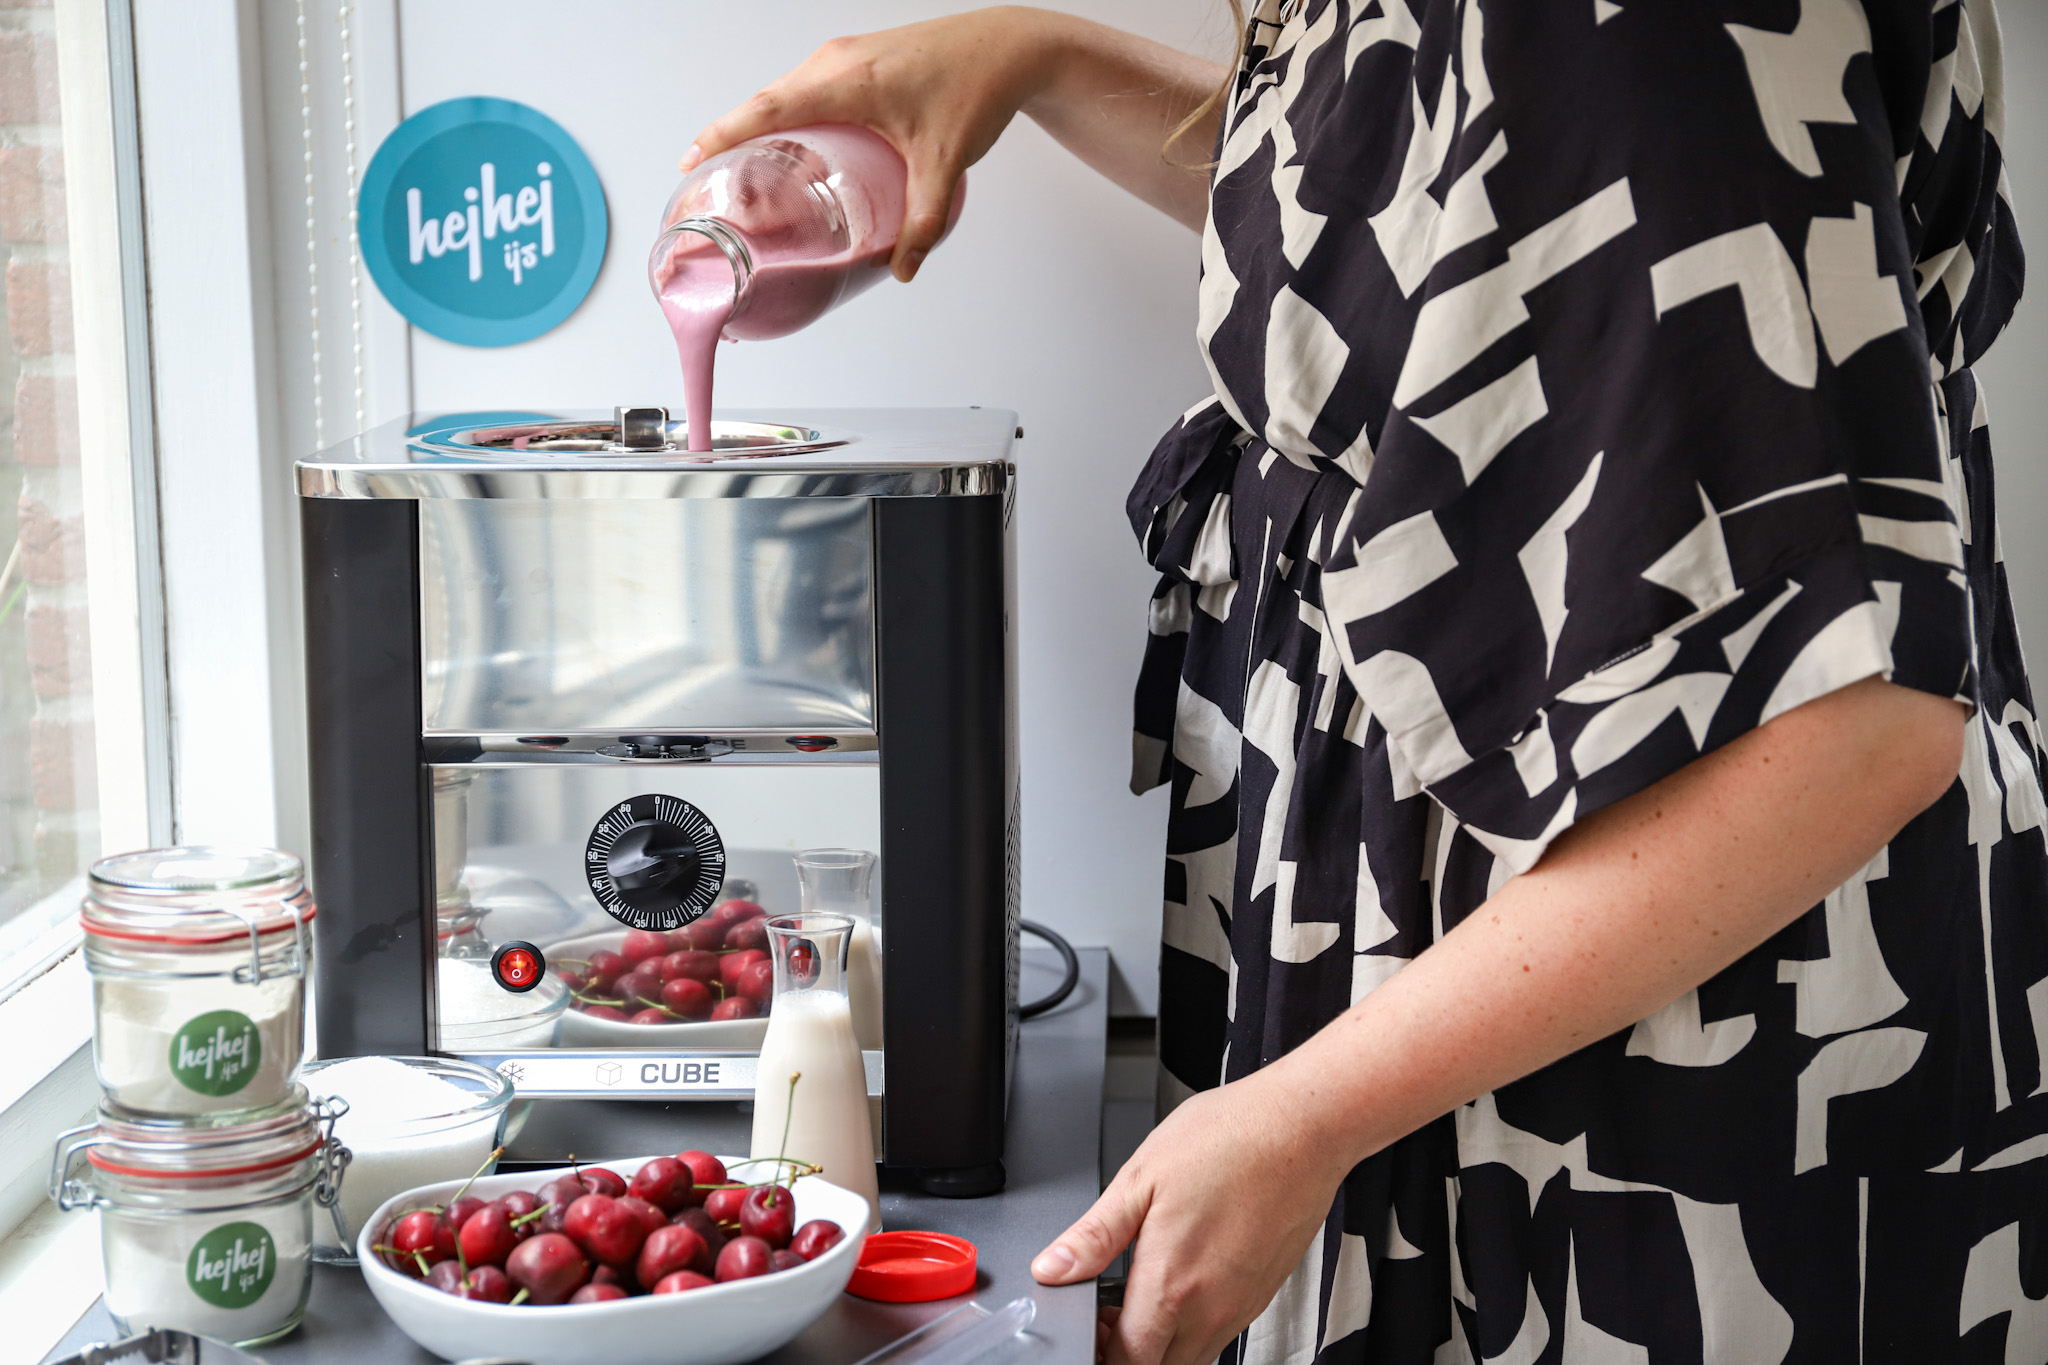 Mijn ervaringen met de CUBE ijsmachine | hejhej ijs + recept